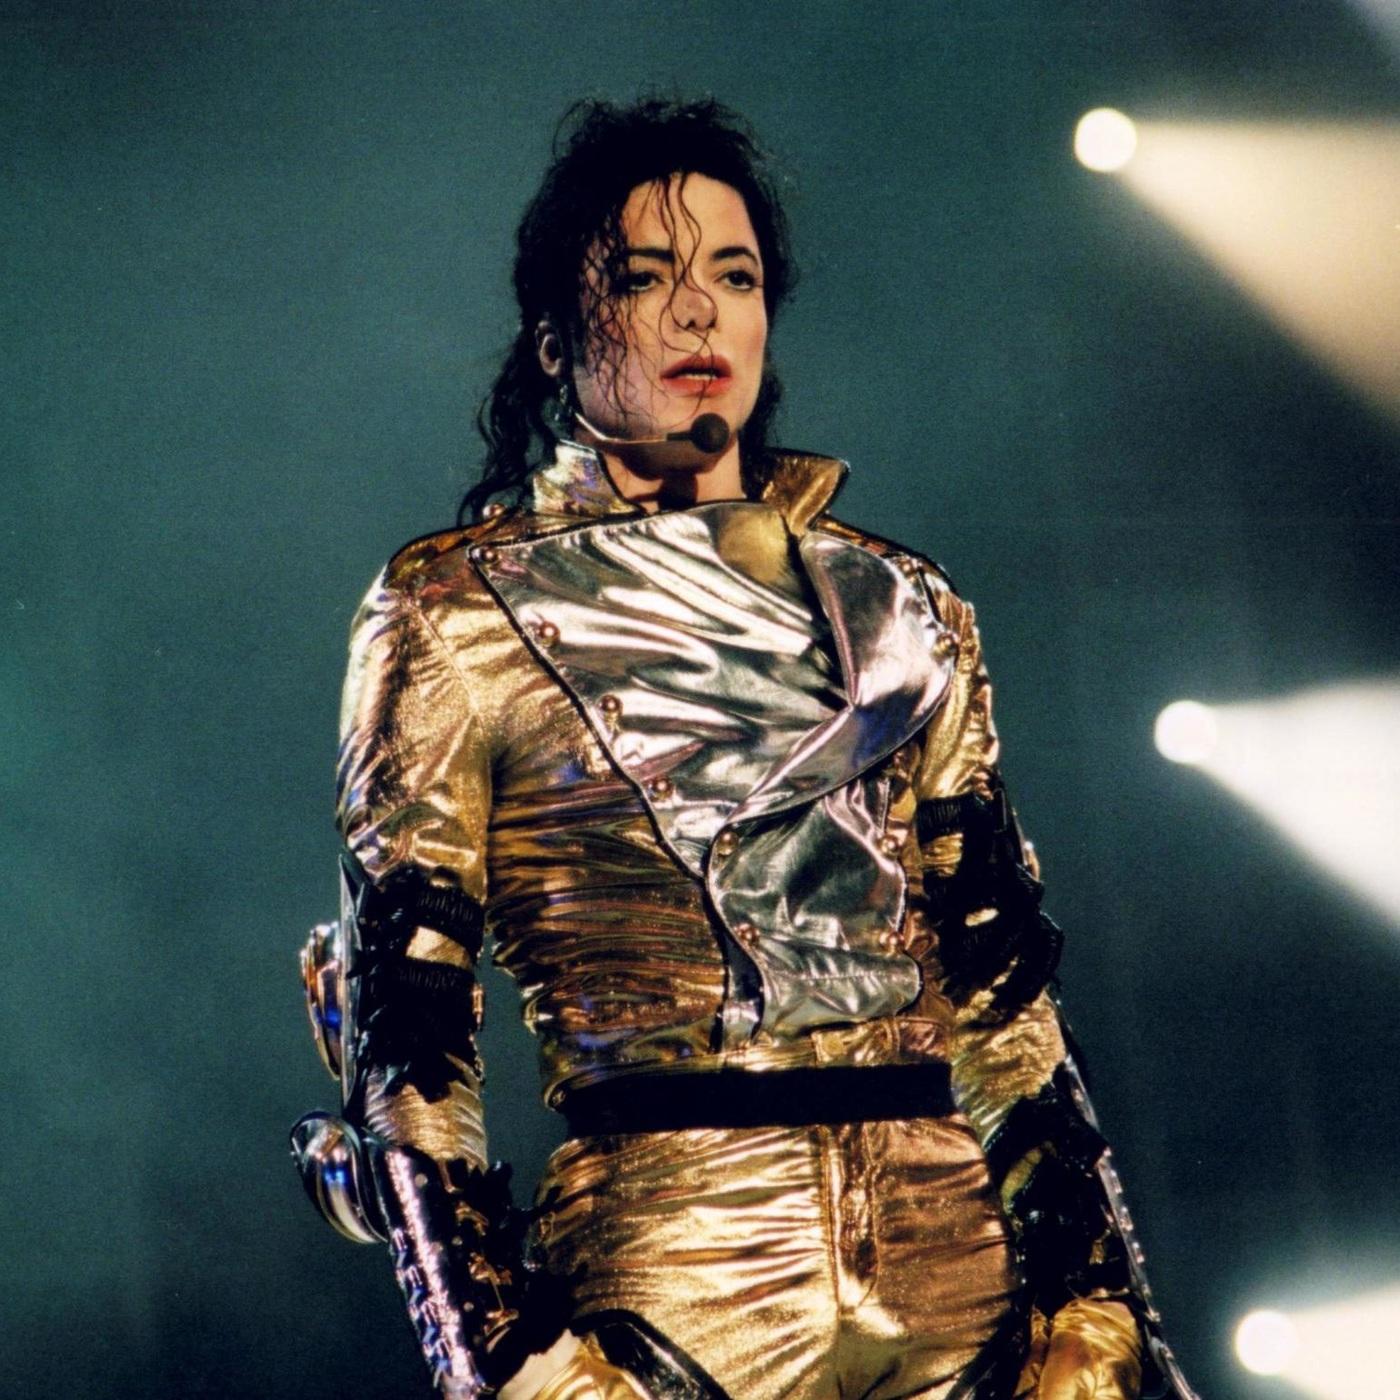 О королях музыки. Поп-король. Майкл Джексон